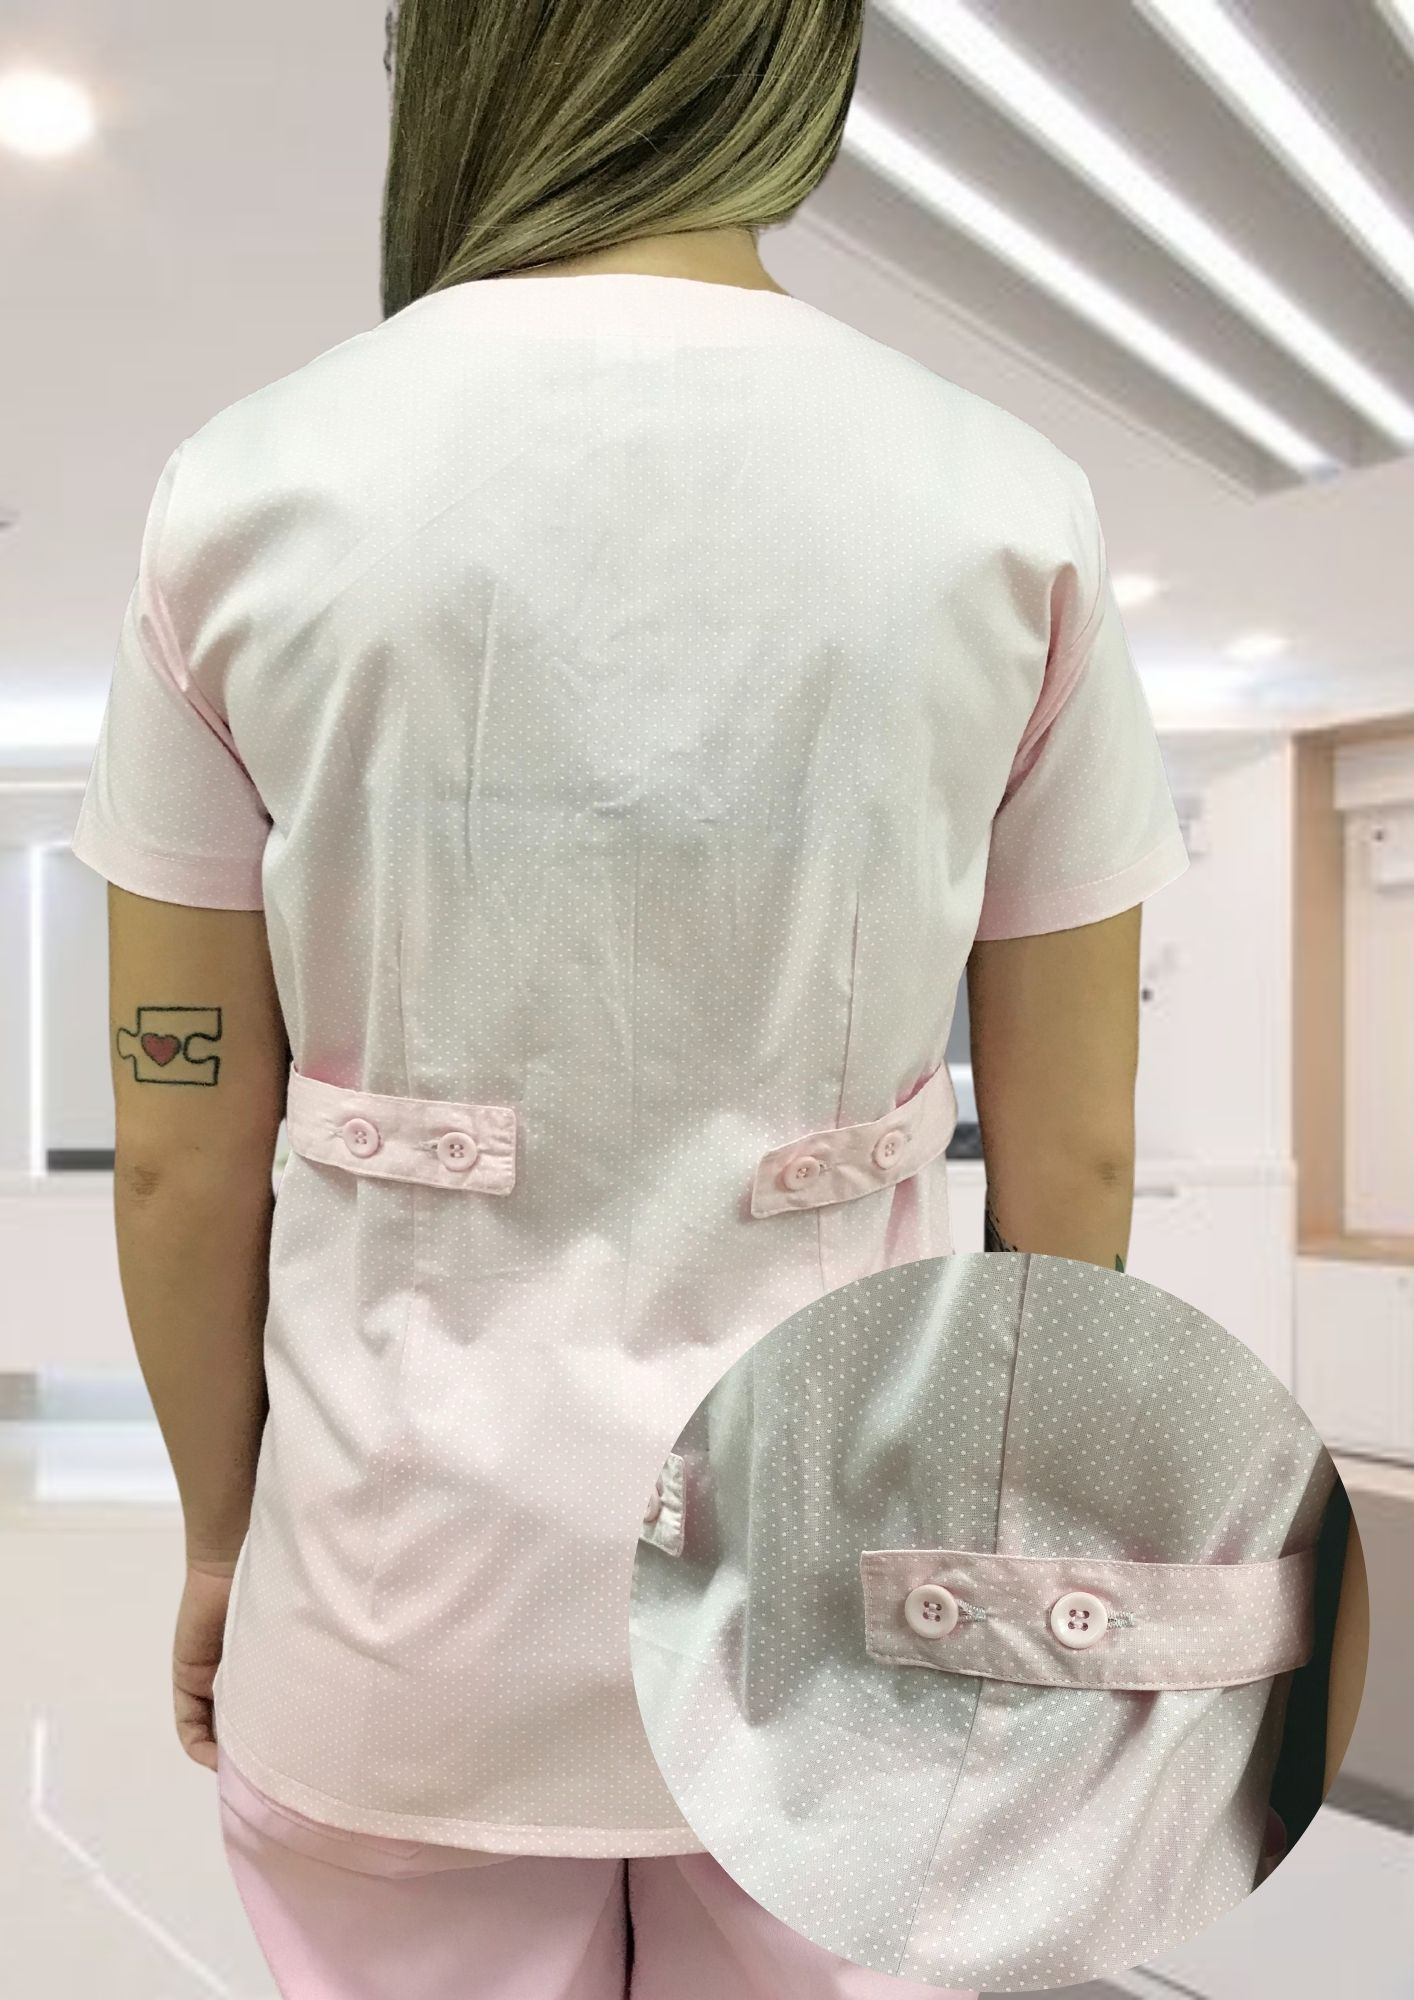 Camisa Scrub Anatomys Feminino ROSA poá branco com ajuste para acinturar atrás  Botões Rosa 100% Algodão